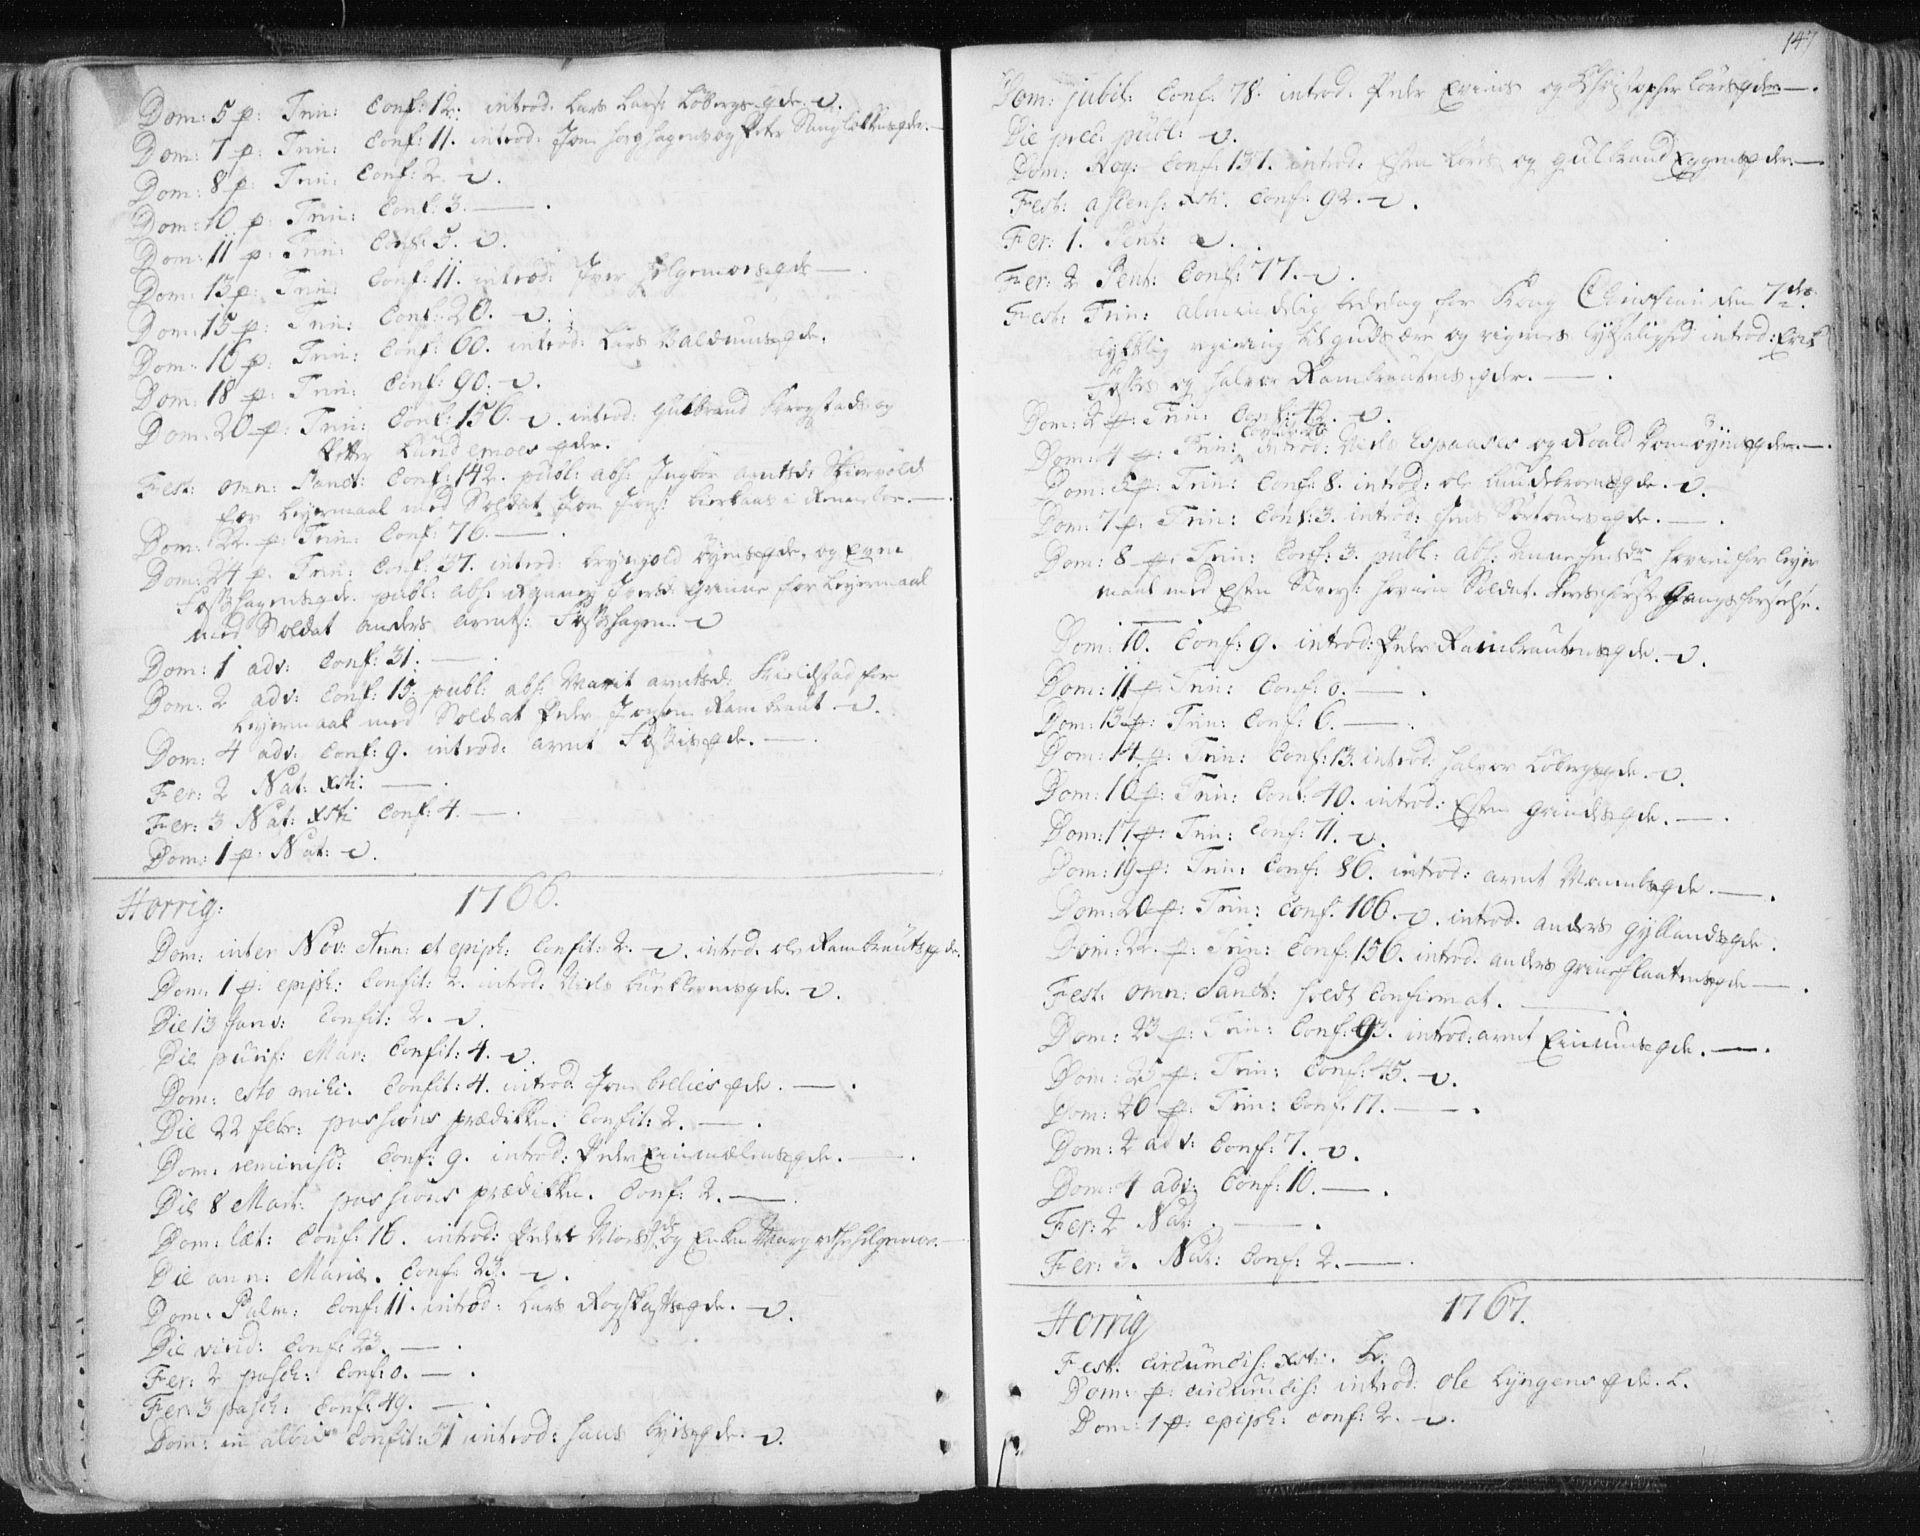 SAT, Ministerialprotokoller, klokkerbøker og fødselsregistre - Sør-Trøndelag, 687/L0991: Ministerialbok nr. 687A02, 1747-1790, s. 147